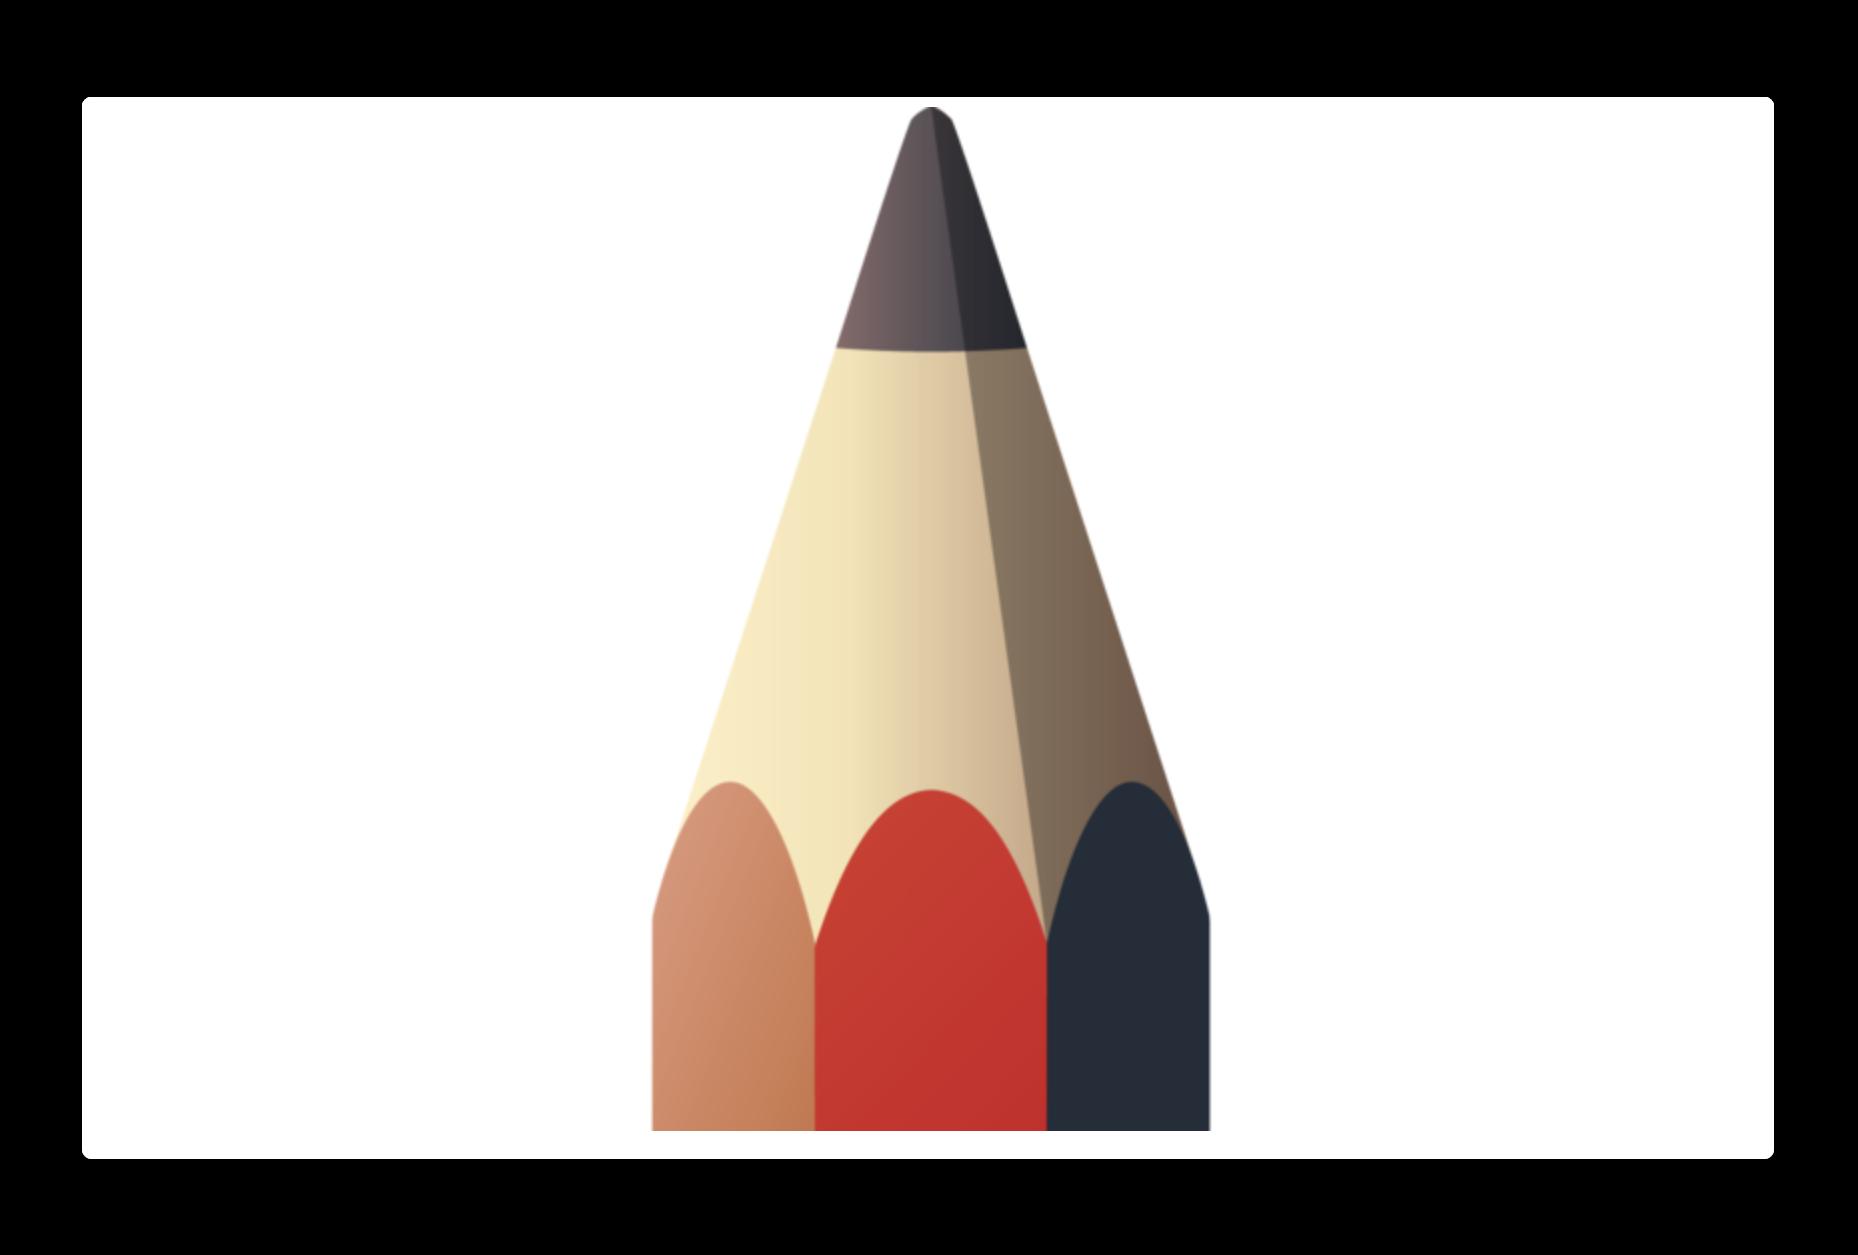 【Mac/iOS】描画ツール「Autodesk SketchBook」が完全に無償提供に